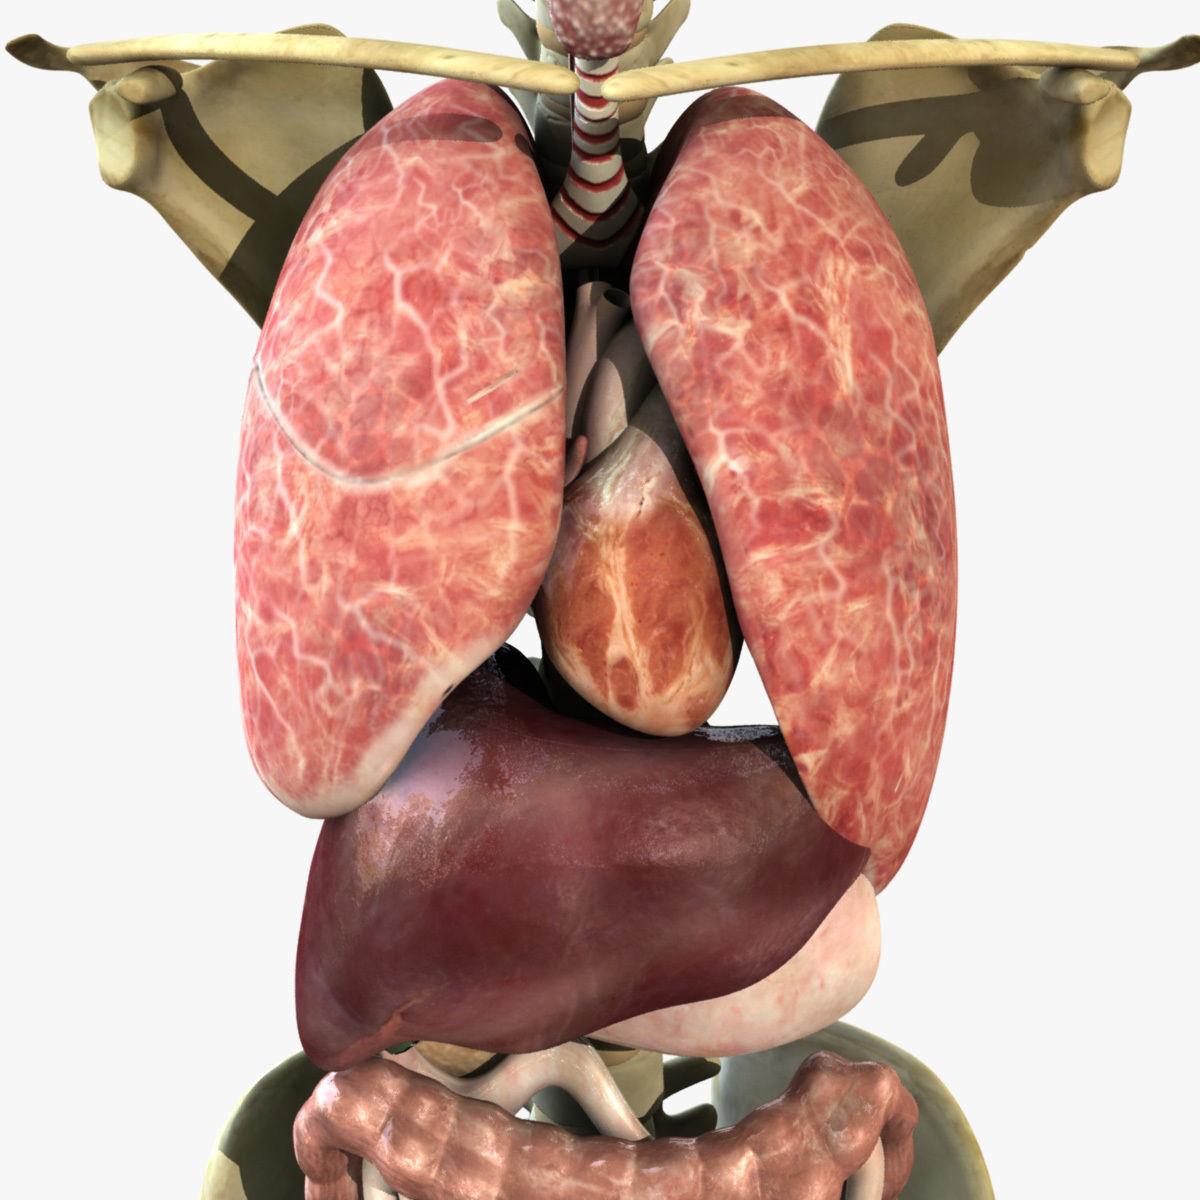 Human Torso Anatomy 3D | CGTrader